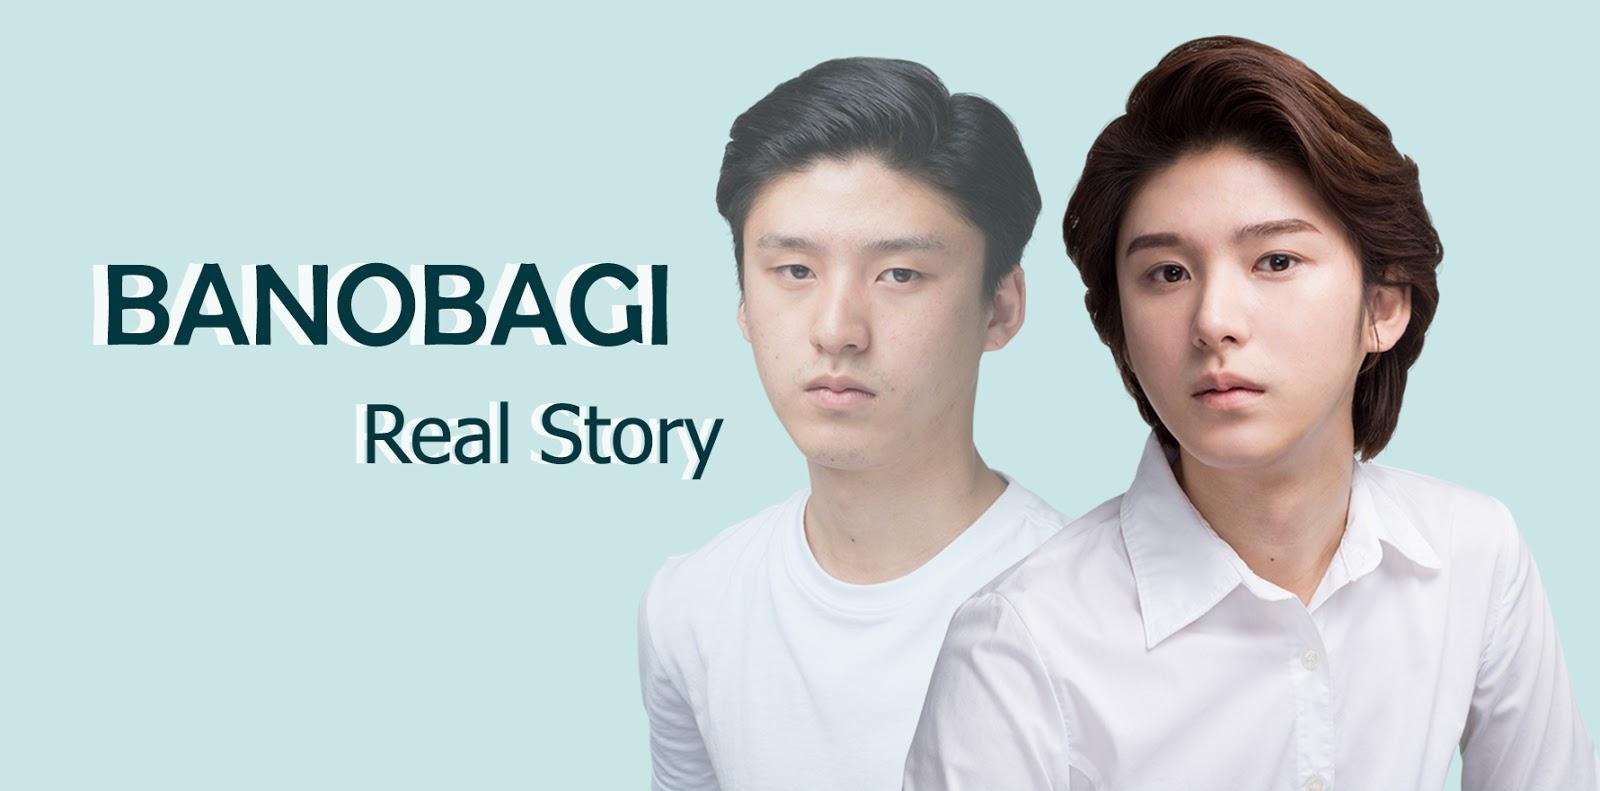 [รีวิวศัลยกรรมเกาหลี] เปลี่ยนผู้ชายธรรมดา ให้เป็นอปป้าไอดอล!